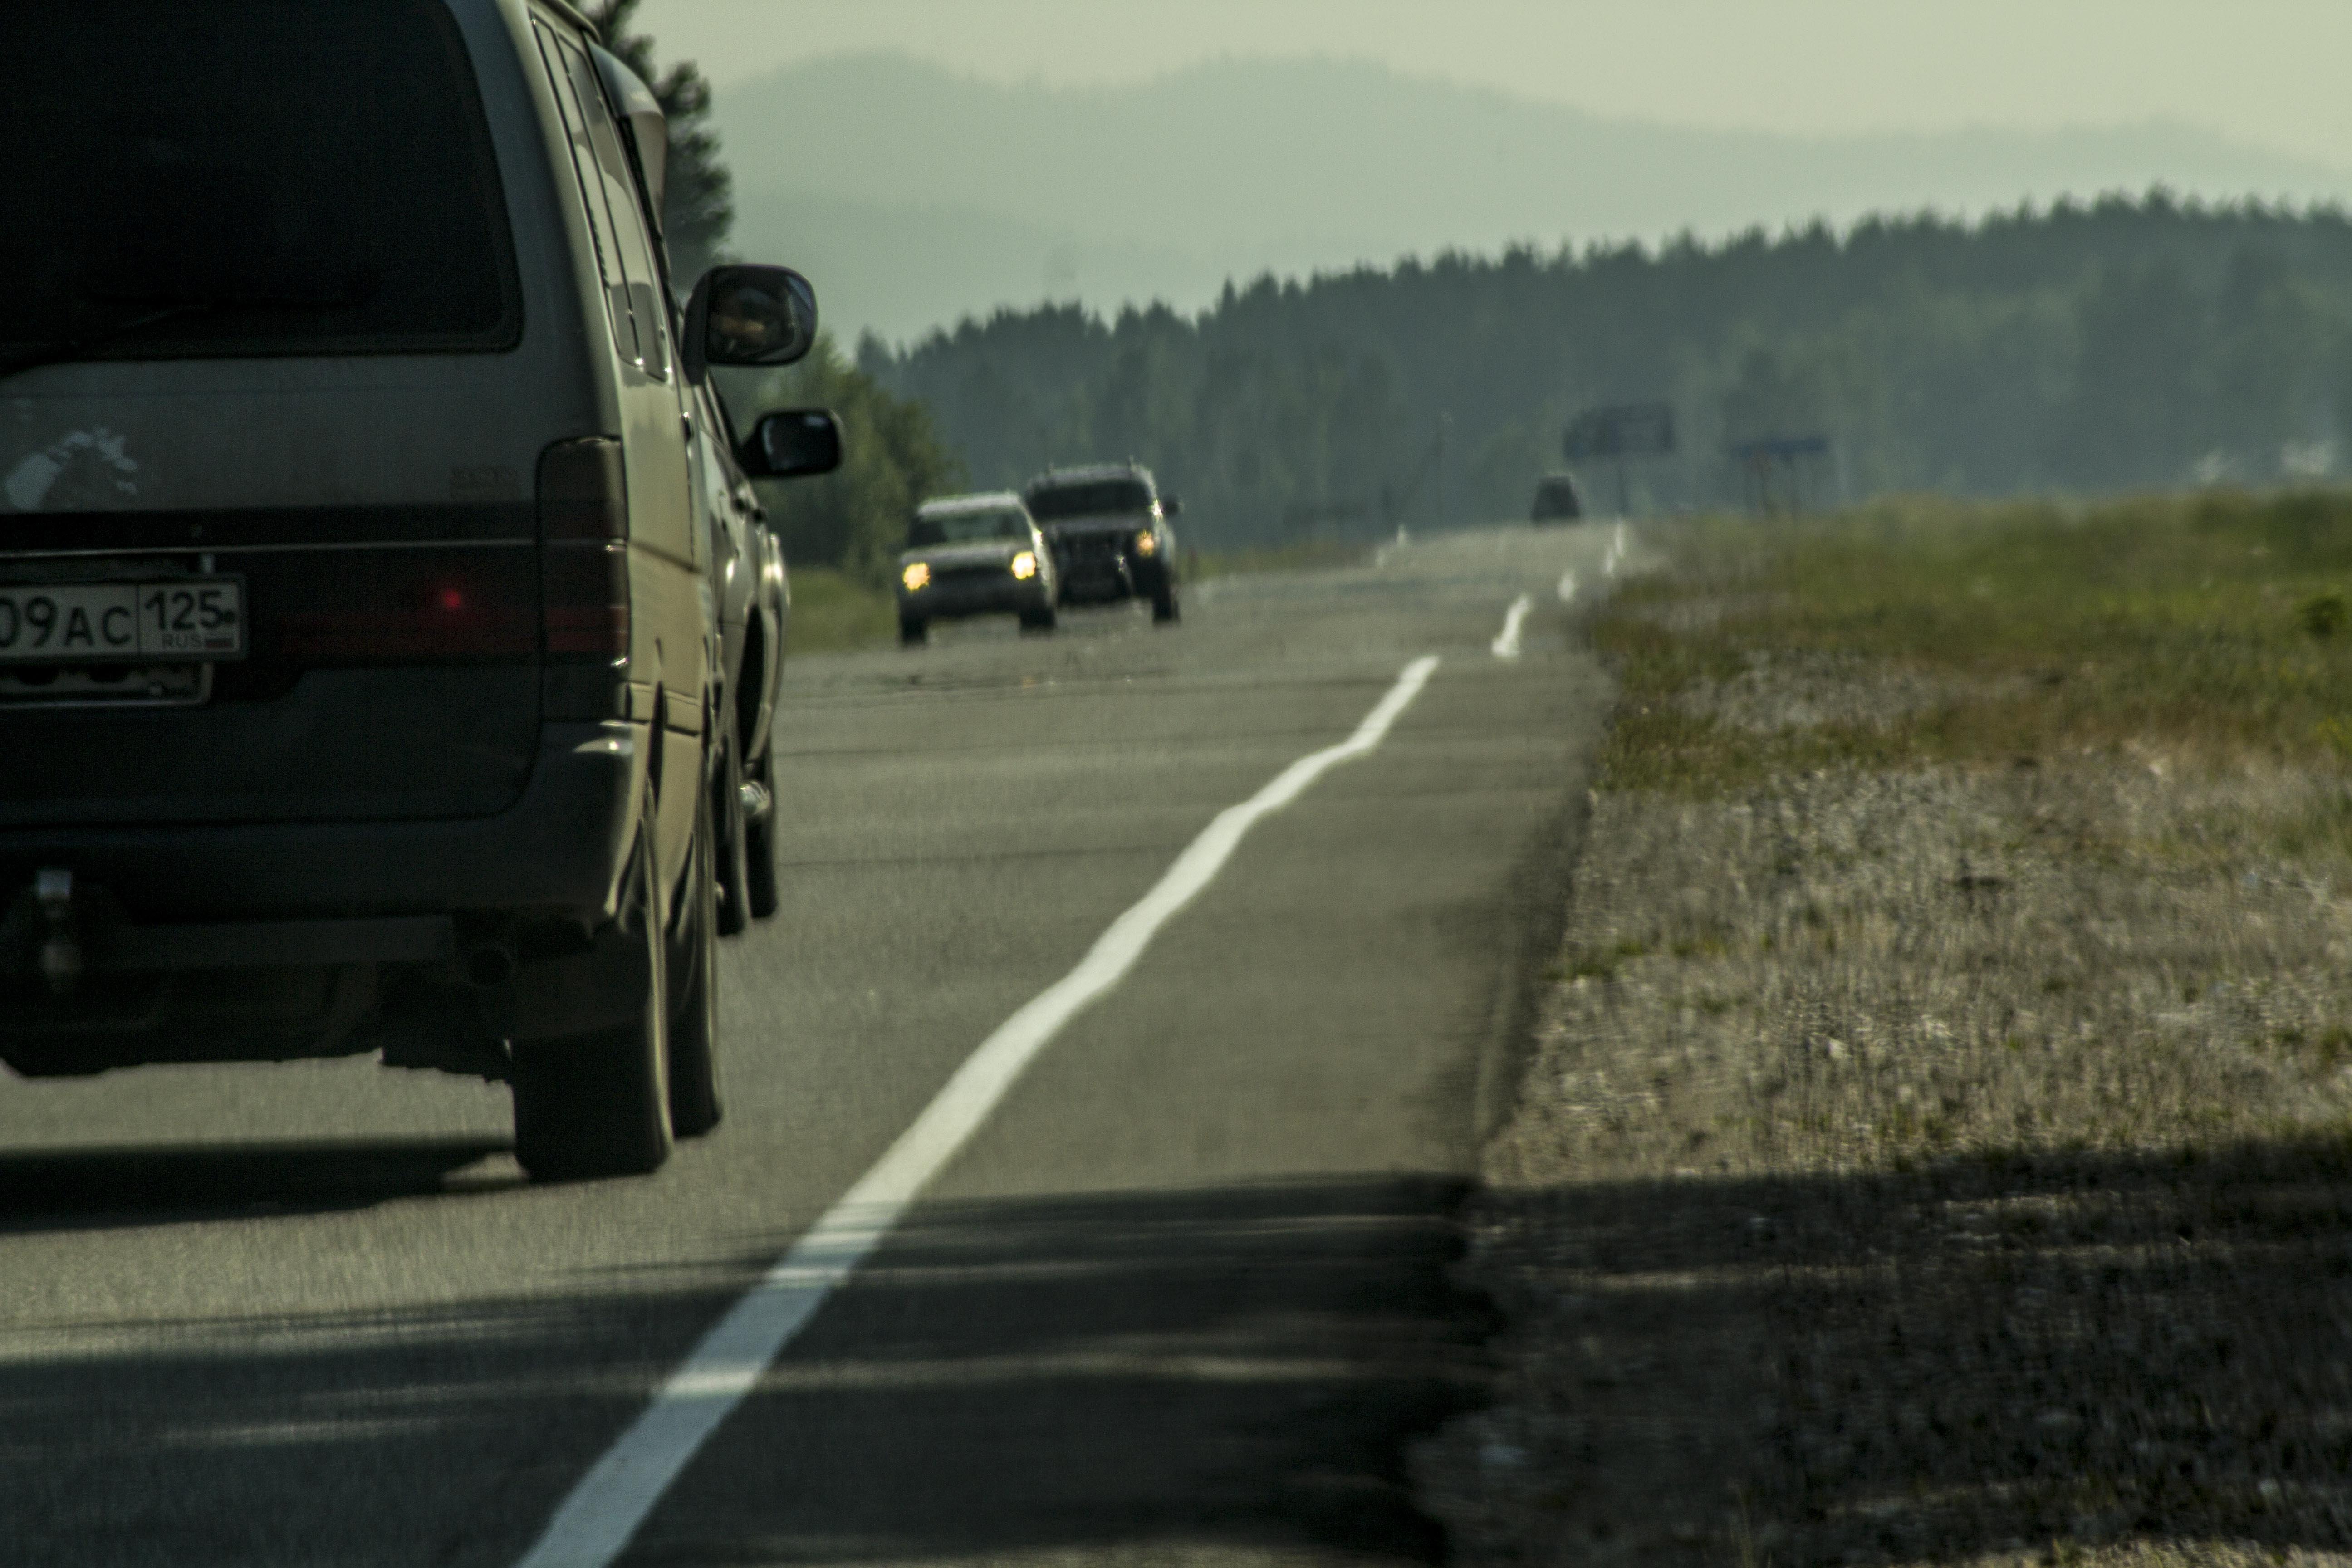 Дорога манит идущего. Счаслив тот кто понимает, что дорога важнее точки назначения.